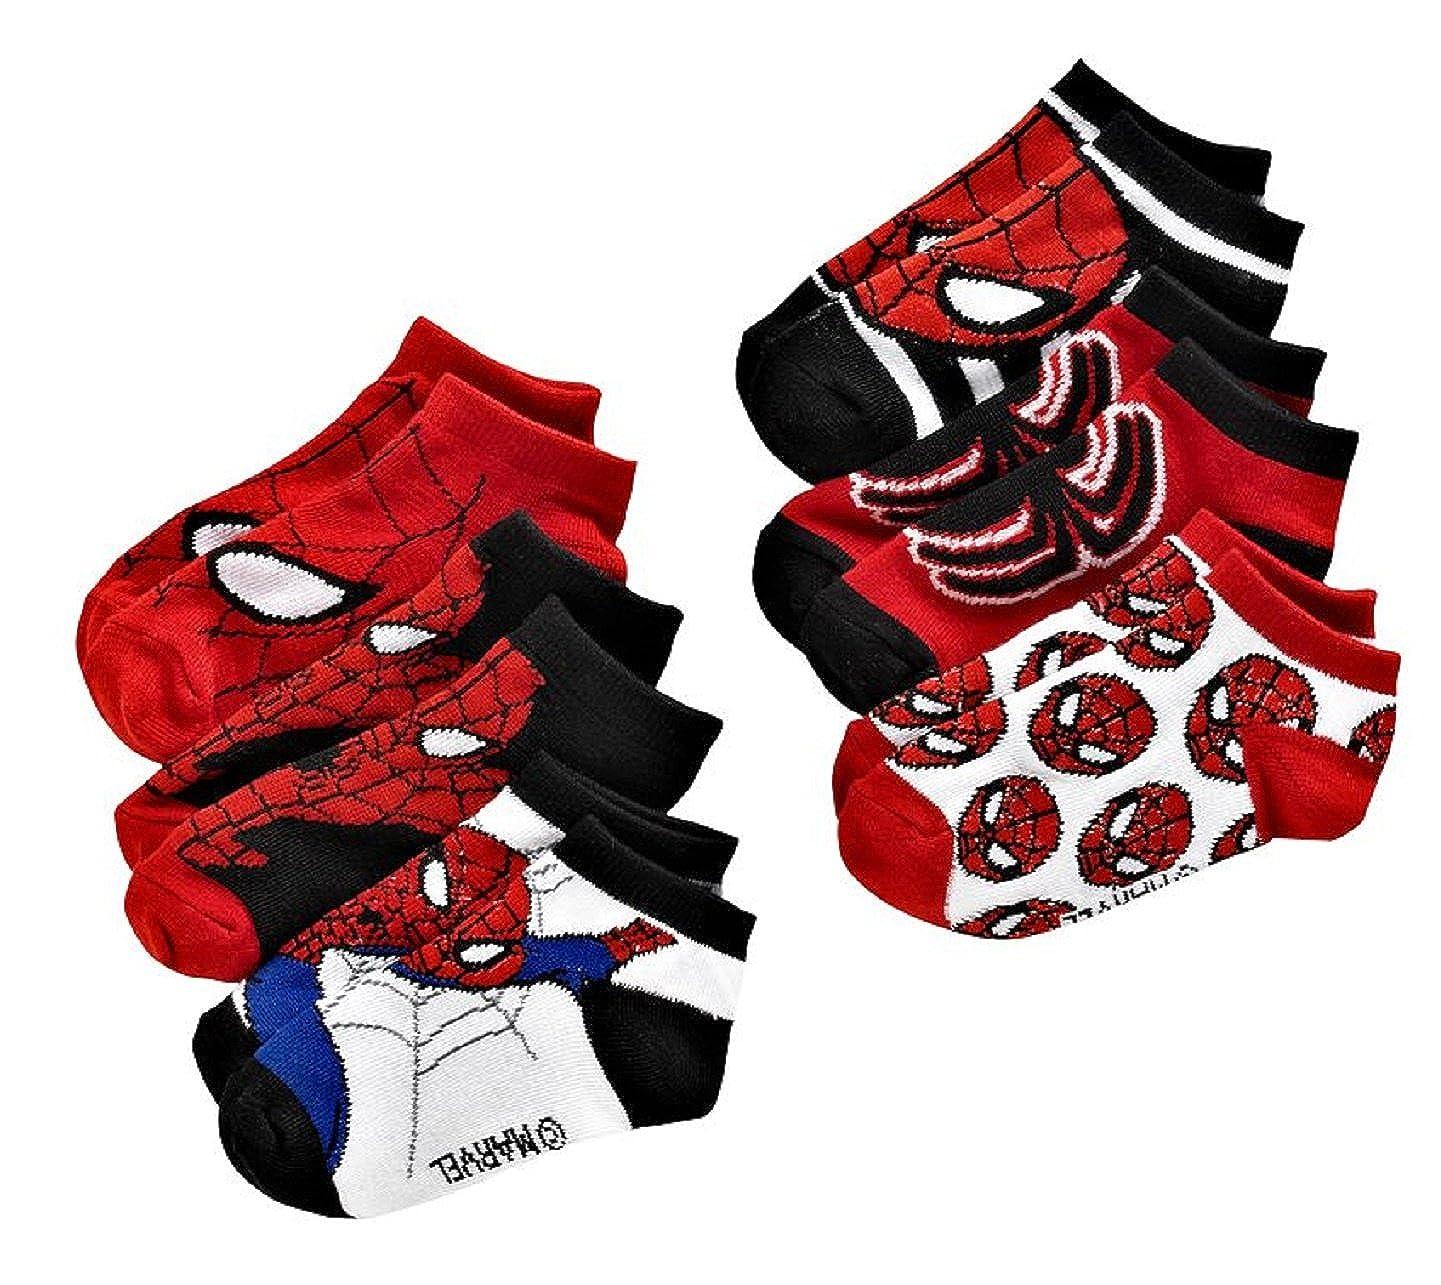 Spiderman Toddler Socks 6PK 2T - 4T